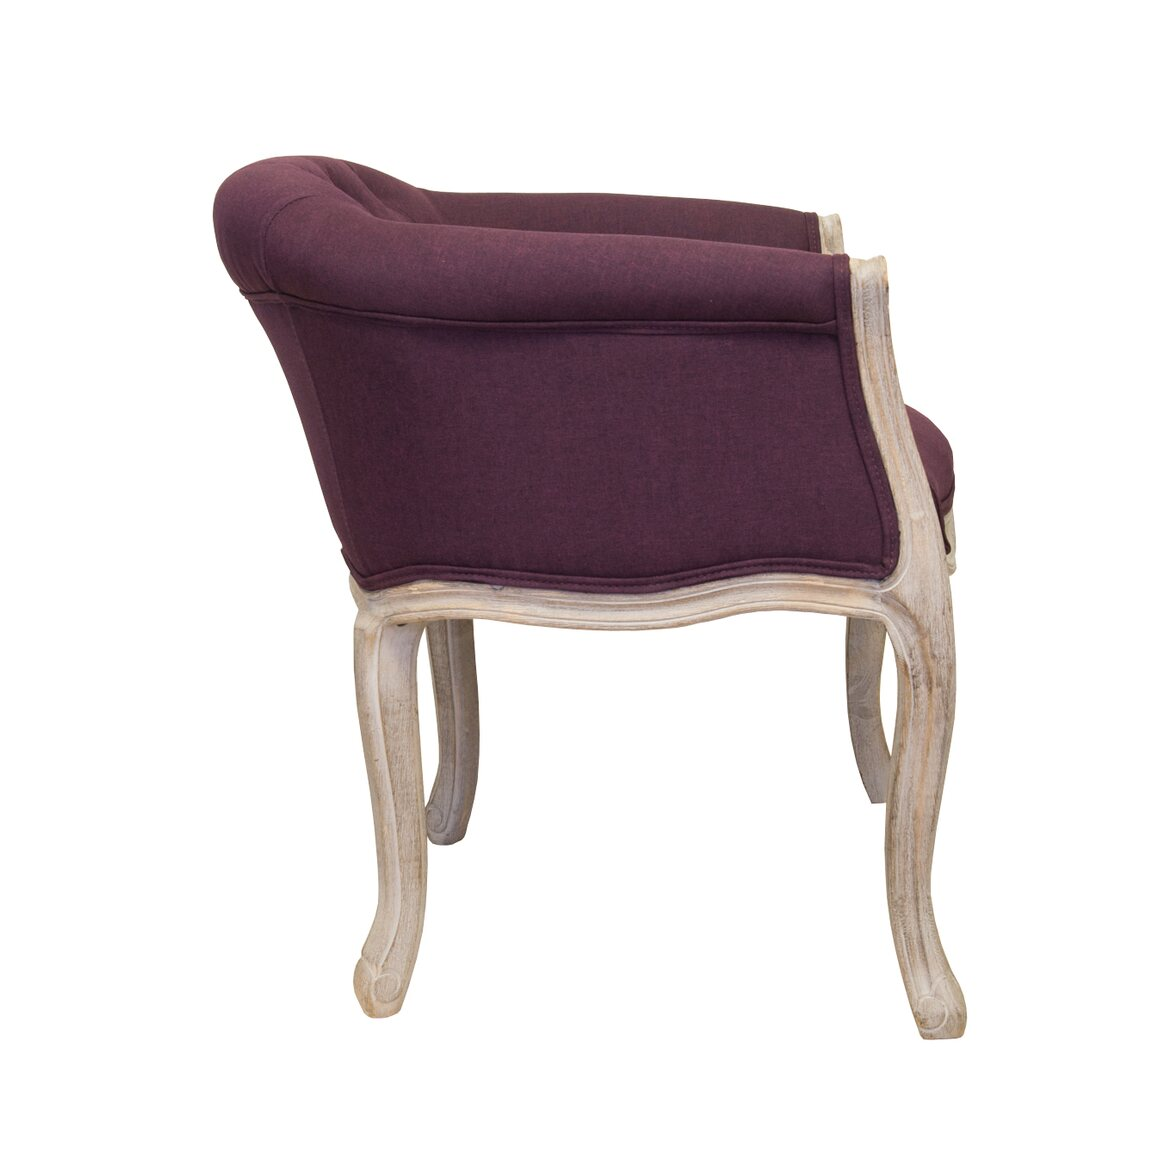 Низкое кресло Kandy violet 2 | Маленькие кресла Kingsby